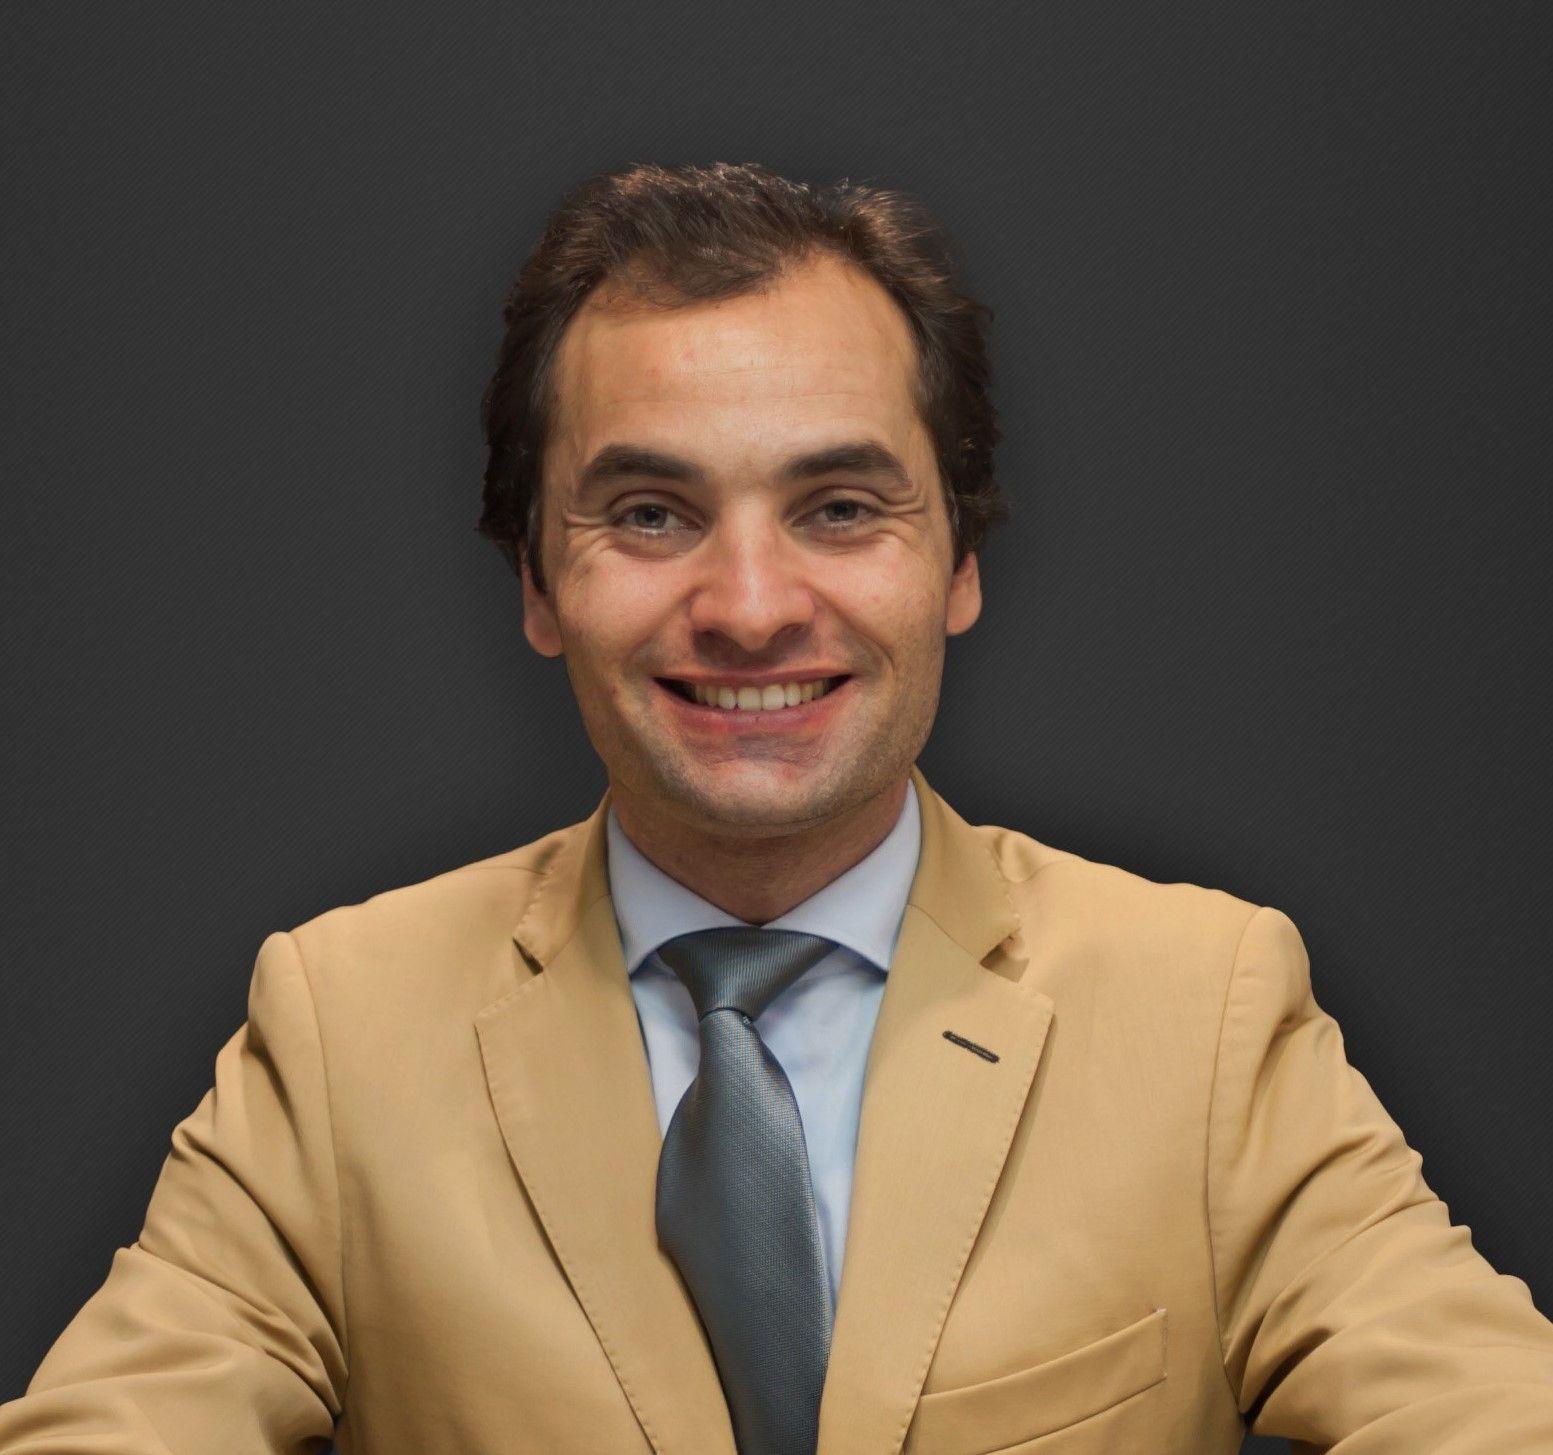 Foto de Ricardo Sousa, CEO CENTURY 21 España